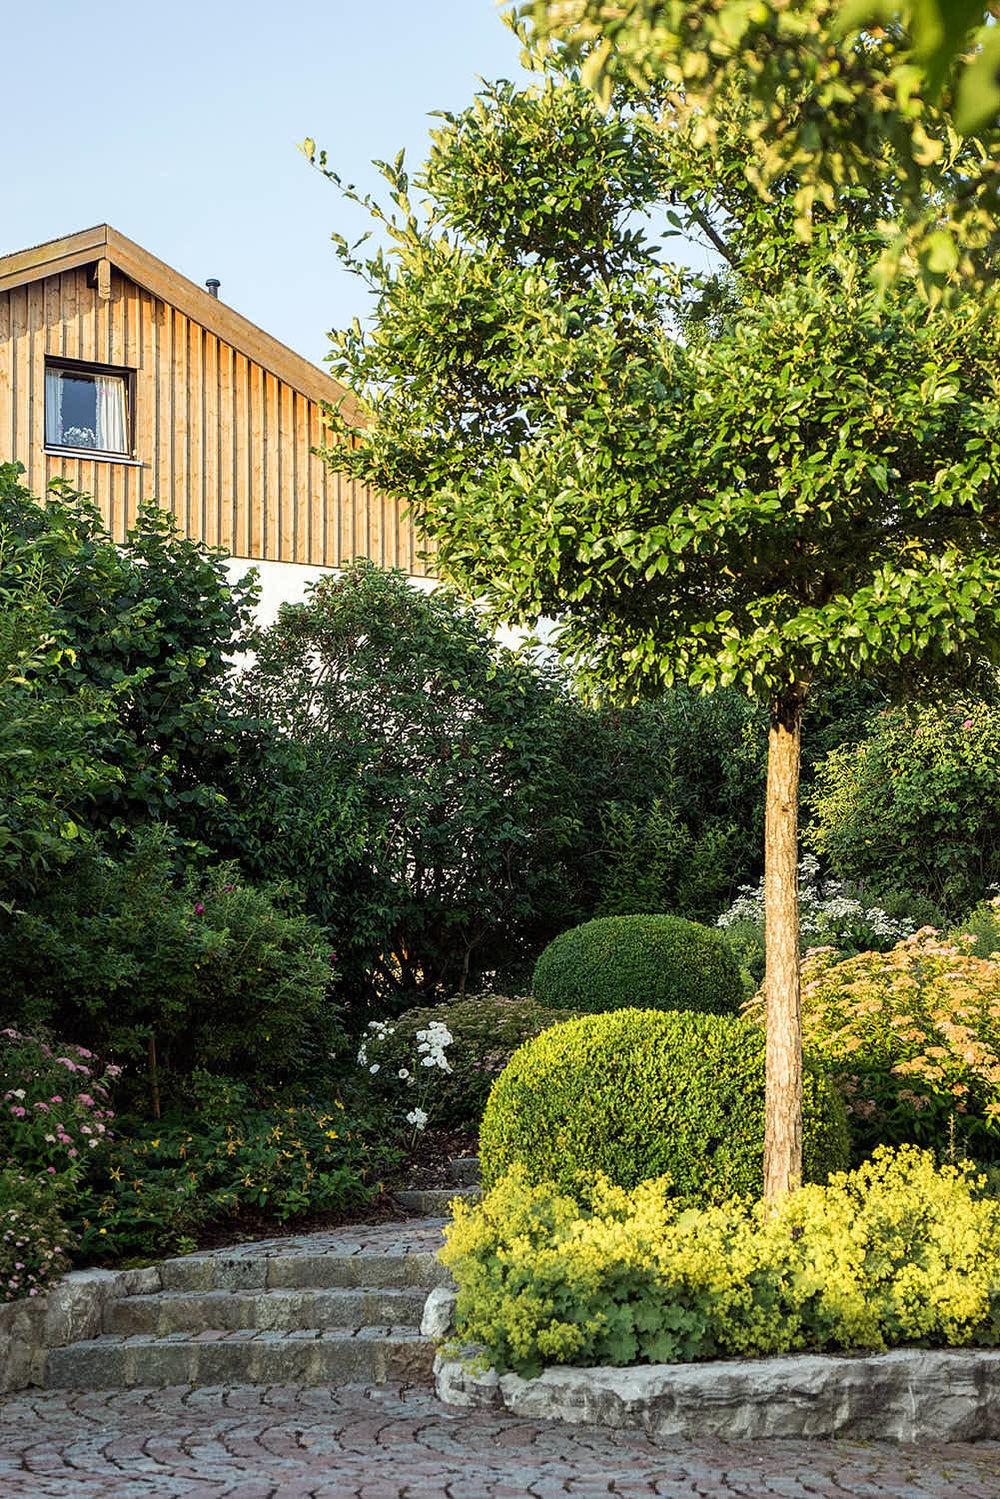 Epp-Gartenbau-Pflanzen-Pflege-70.jpg